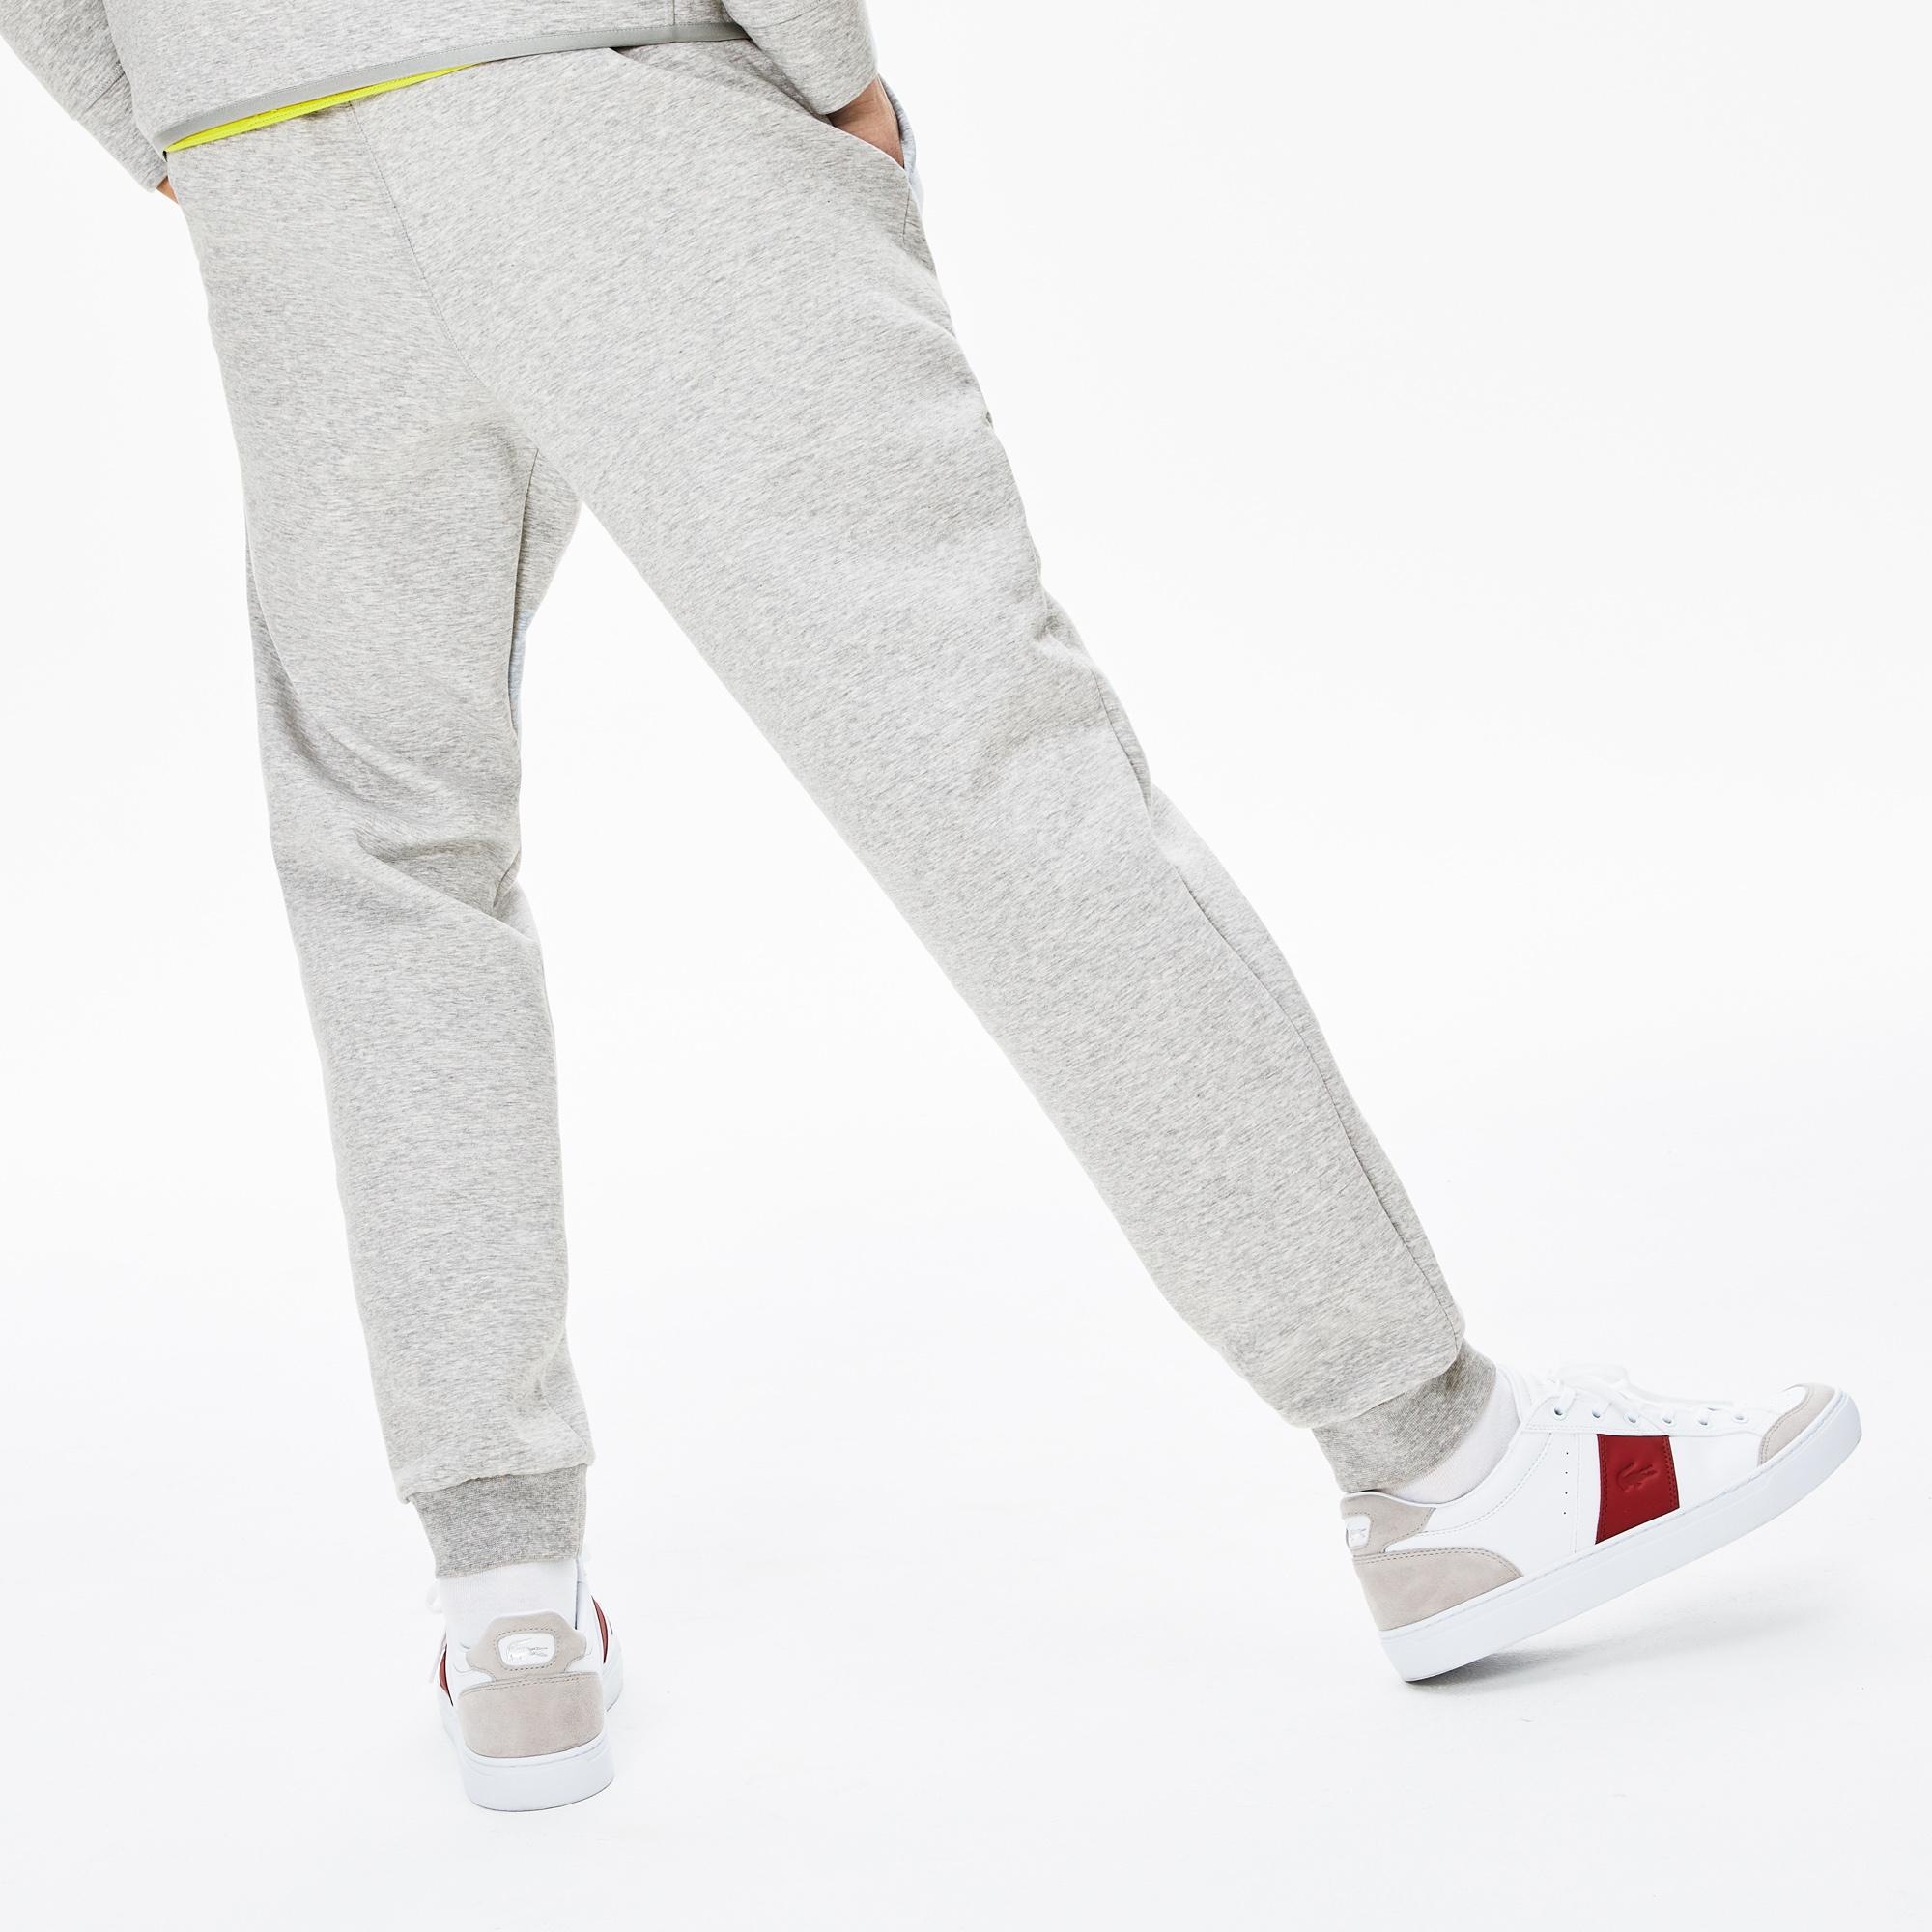 Lacoste штани спортивні чоловічі Motion